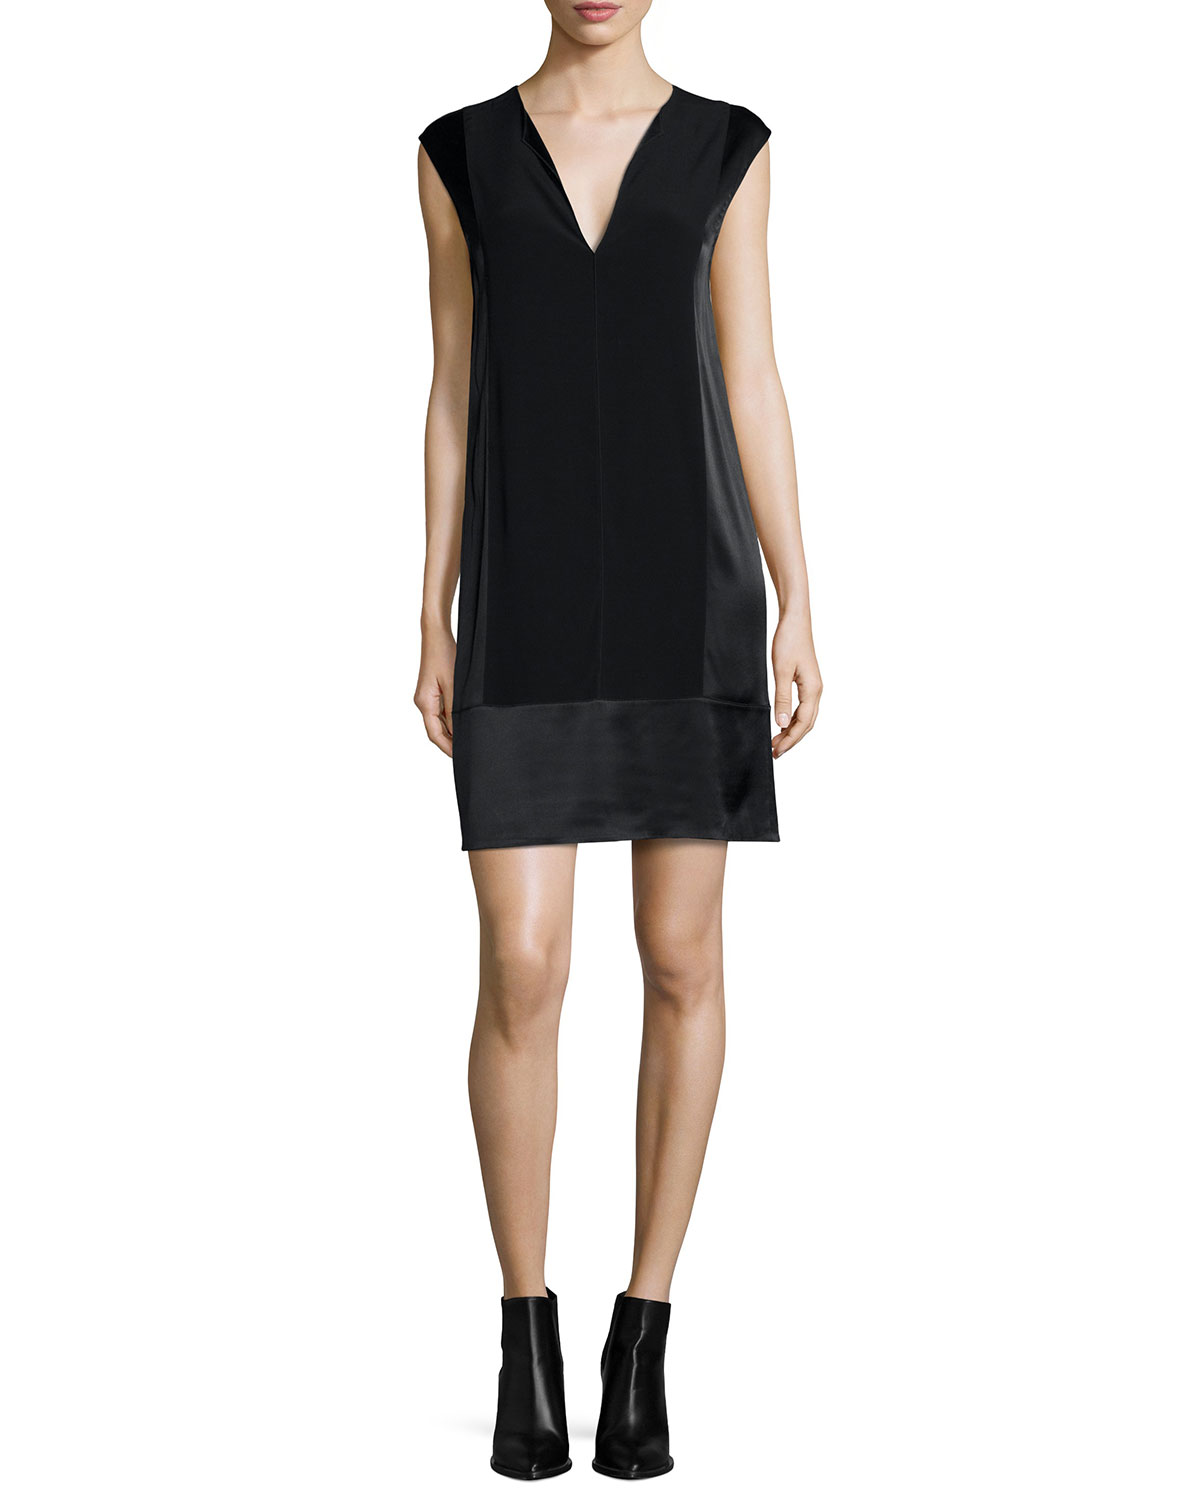 V-Neck Shift Dress, Black, Women's, Size: X-SMALL - Vince